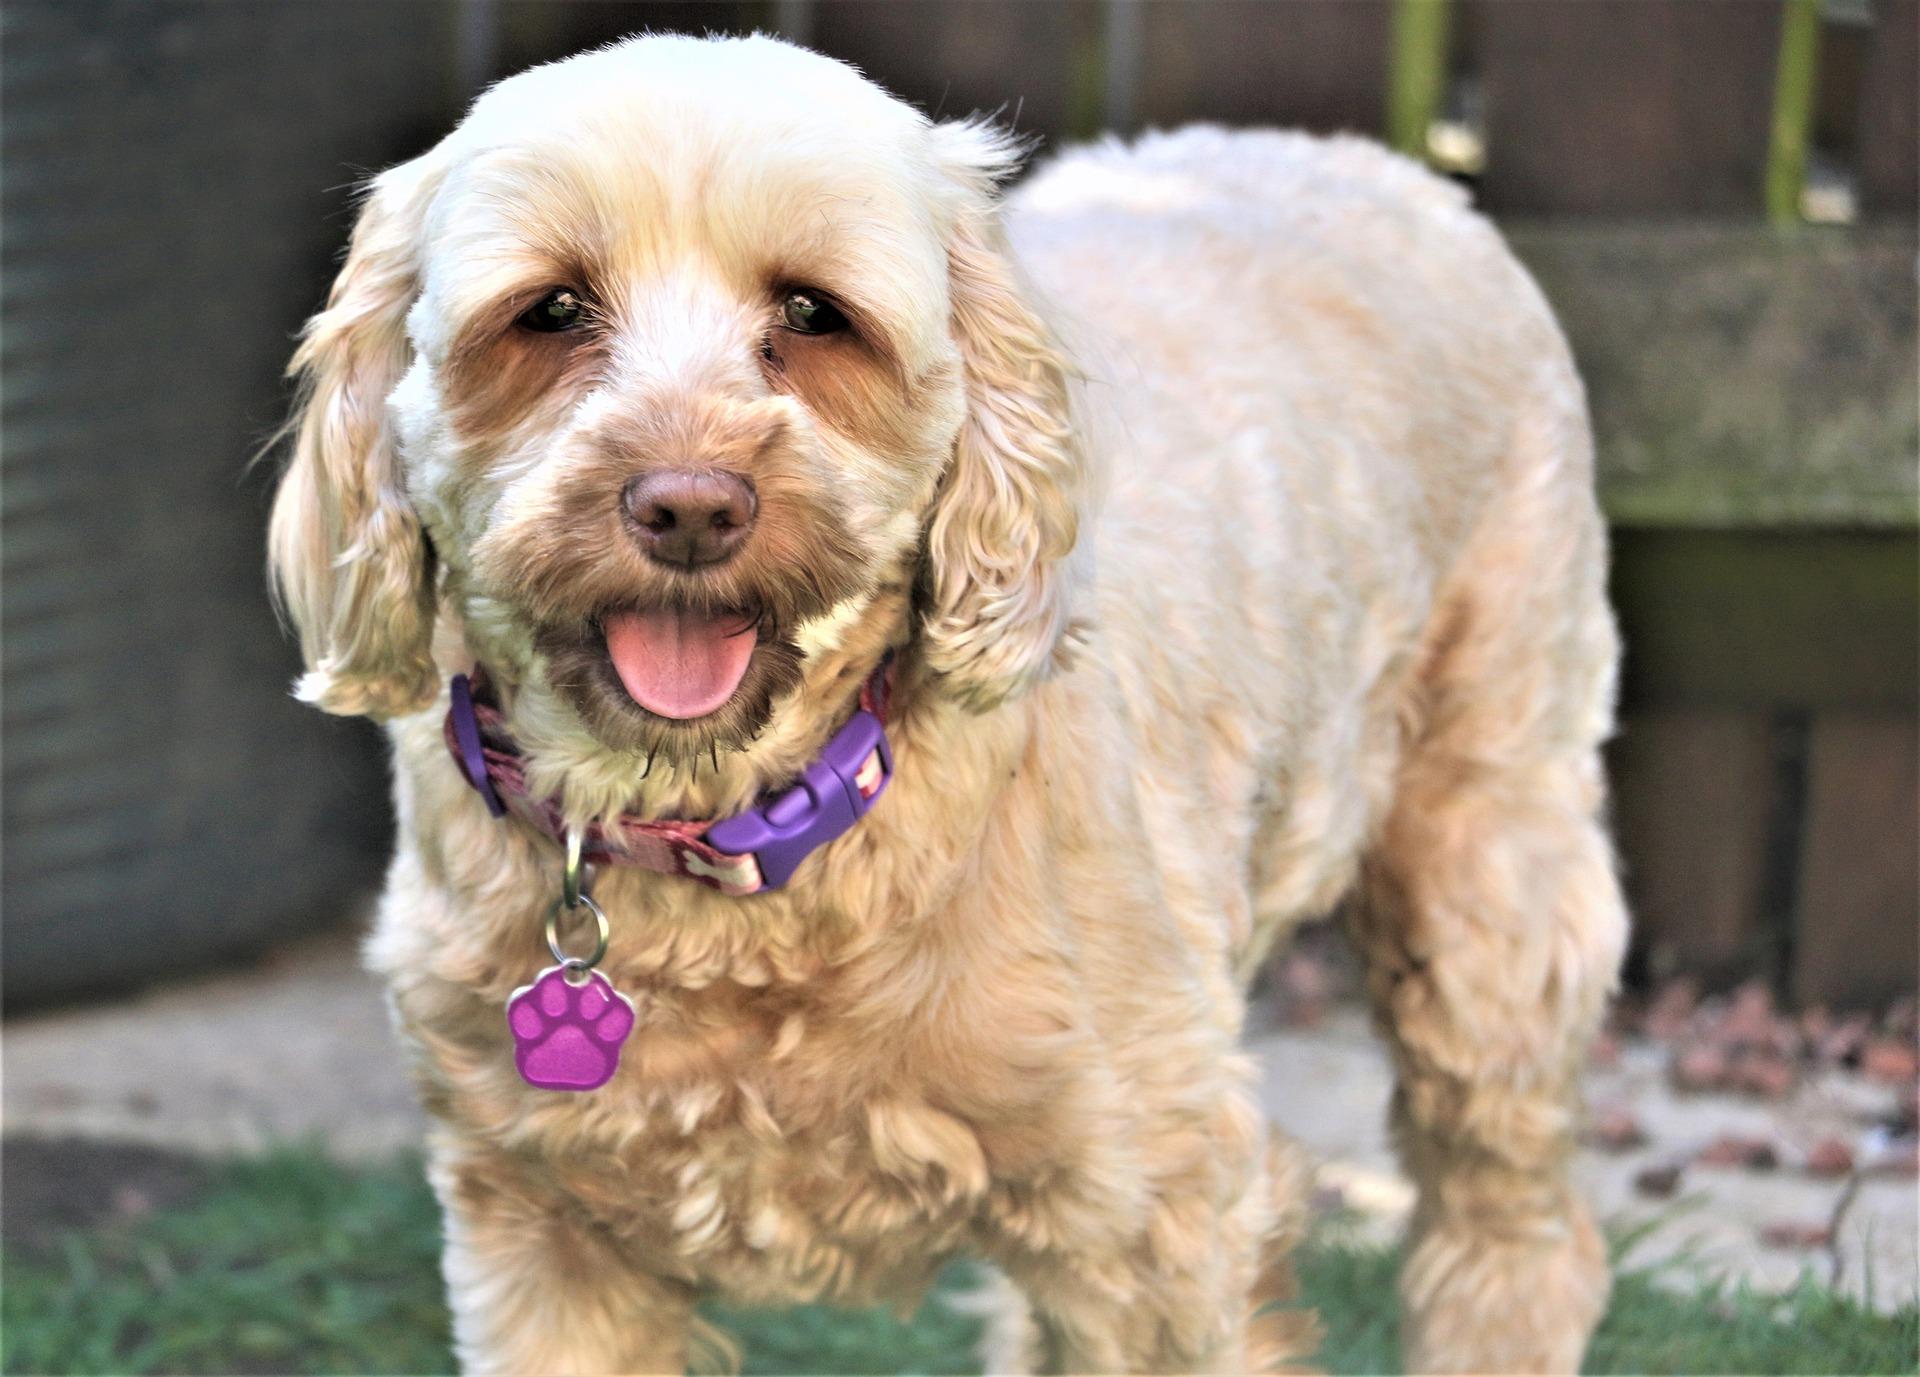 Cockapoo jest mieszańcem psów dwóch ras - spaniela i pudla. Jego charakter zależny jest od puli genów jakie w większości odziedziczy.